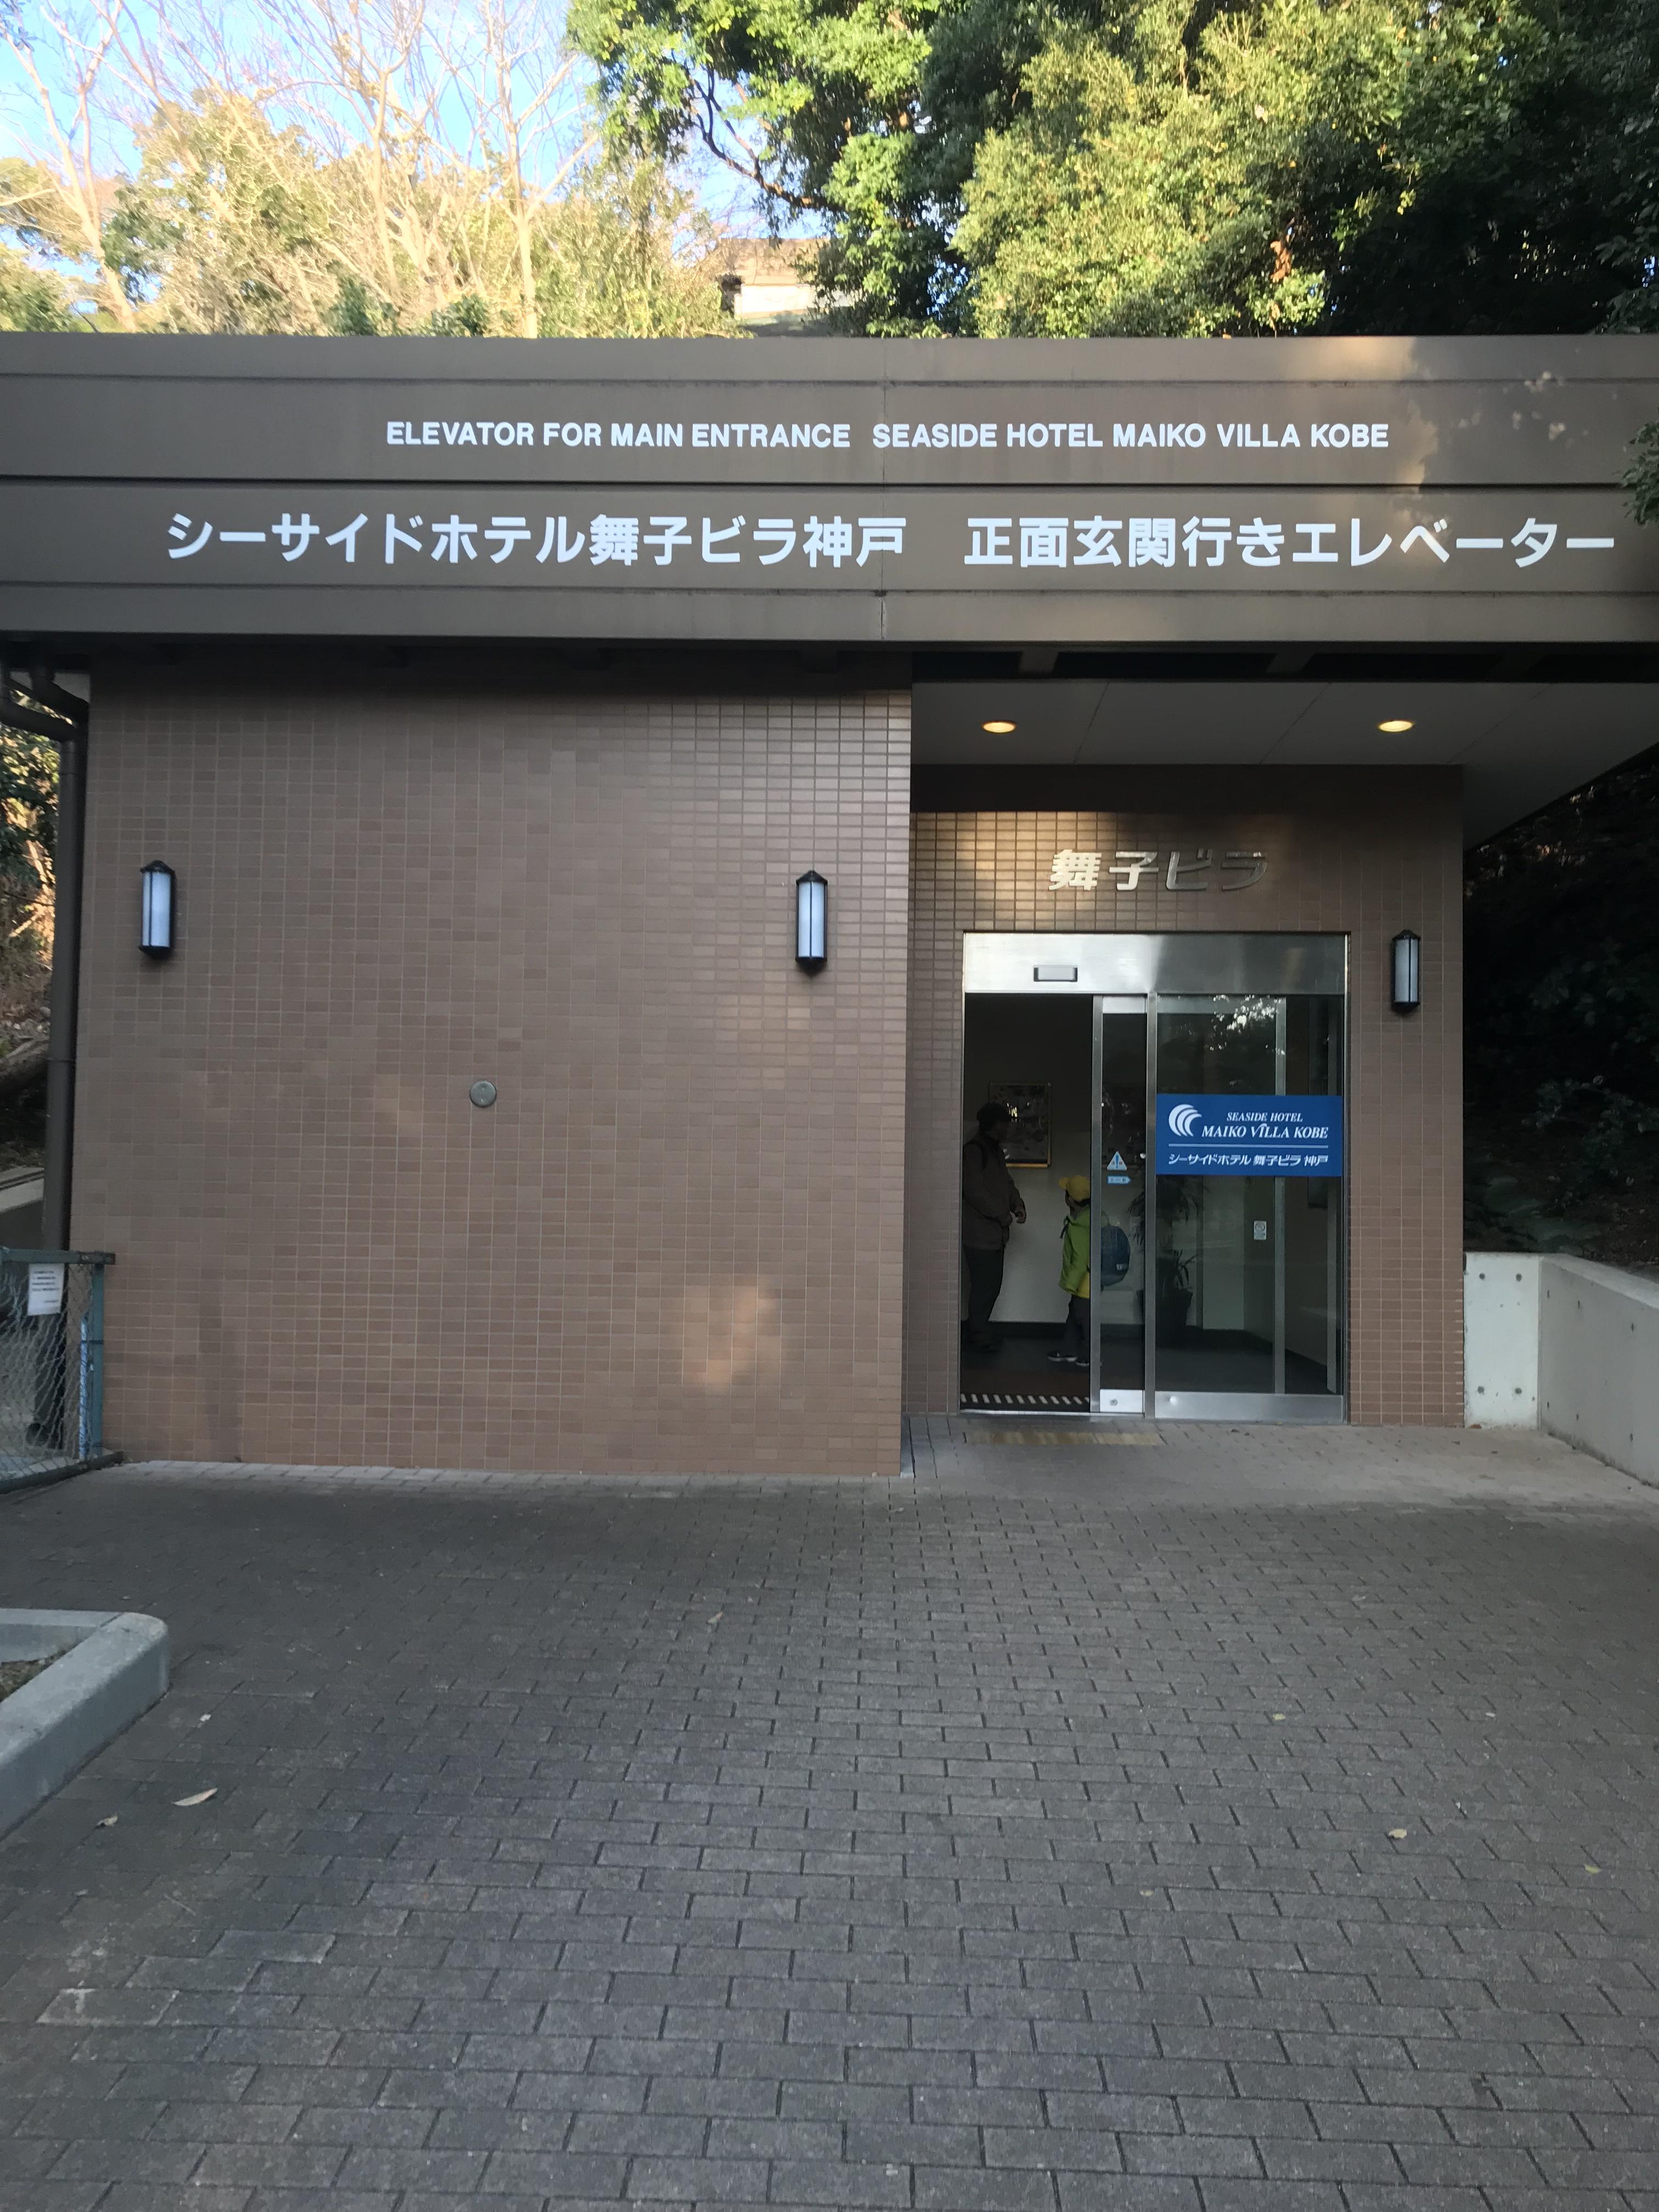 シーサイドホテル舞子ビラ神戸のエレベーター